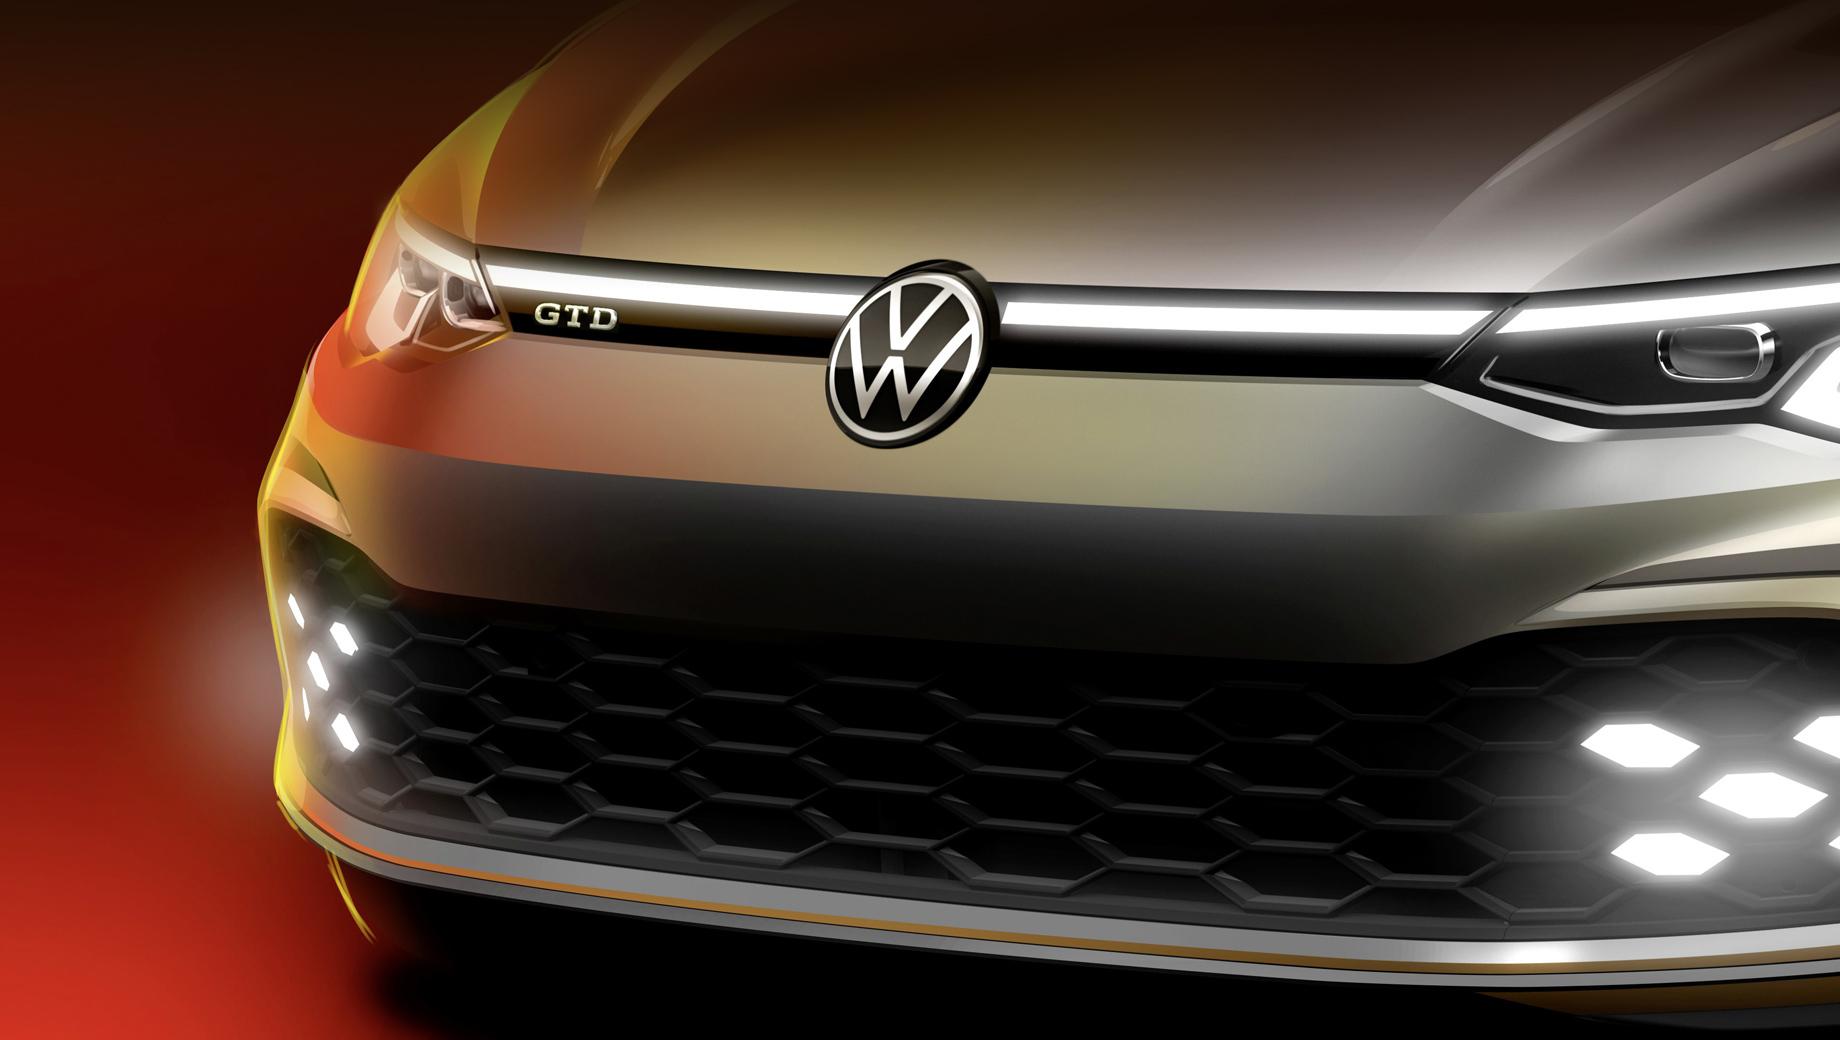 Volkswagen golf,Volkswagen golf gtd. Интересно компания решила оформить огни в бампере, явно с оглядкой на яркий Renault Clio RS. Похожий дизайн мы ждём и от GTI.